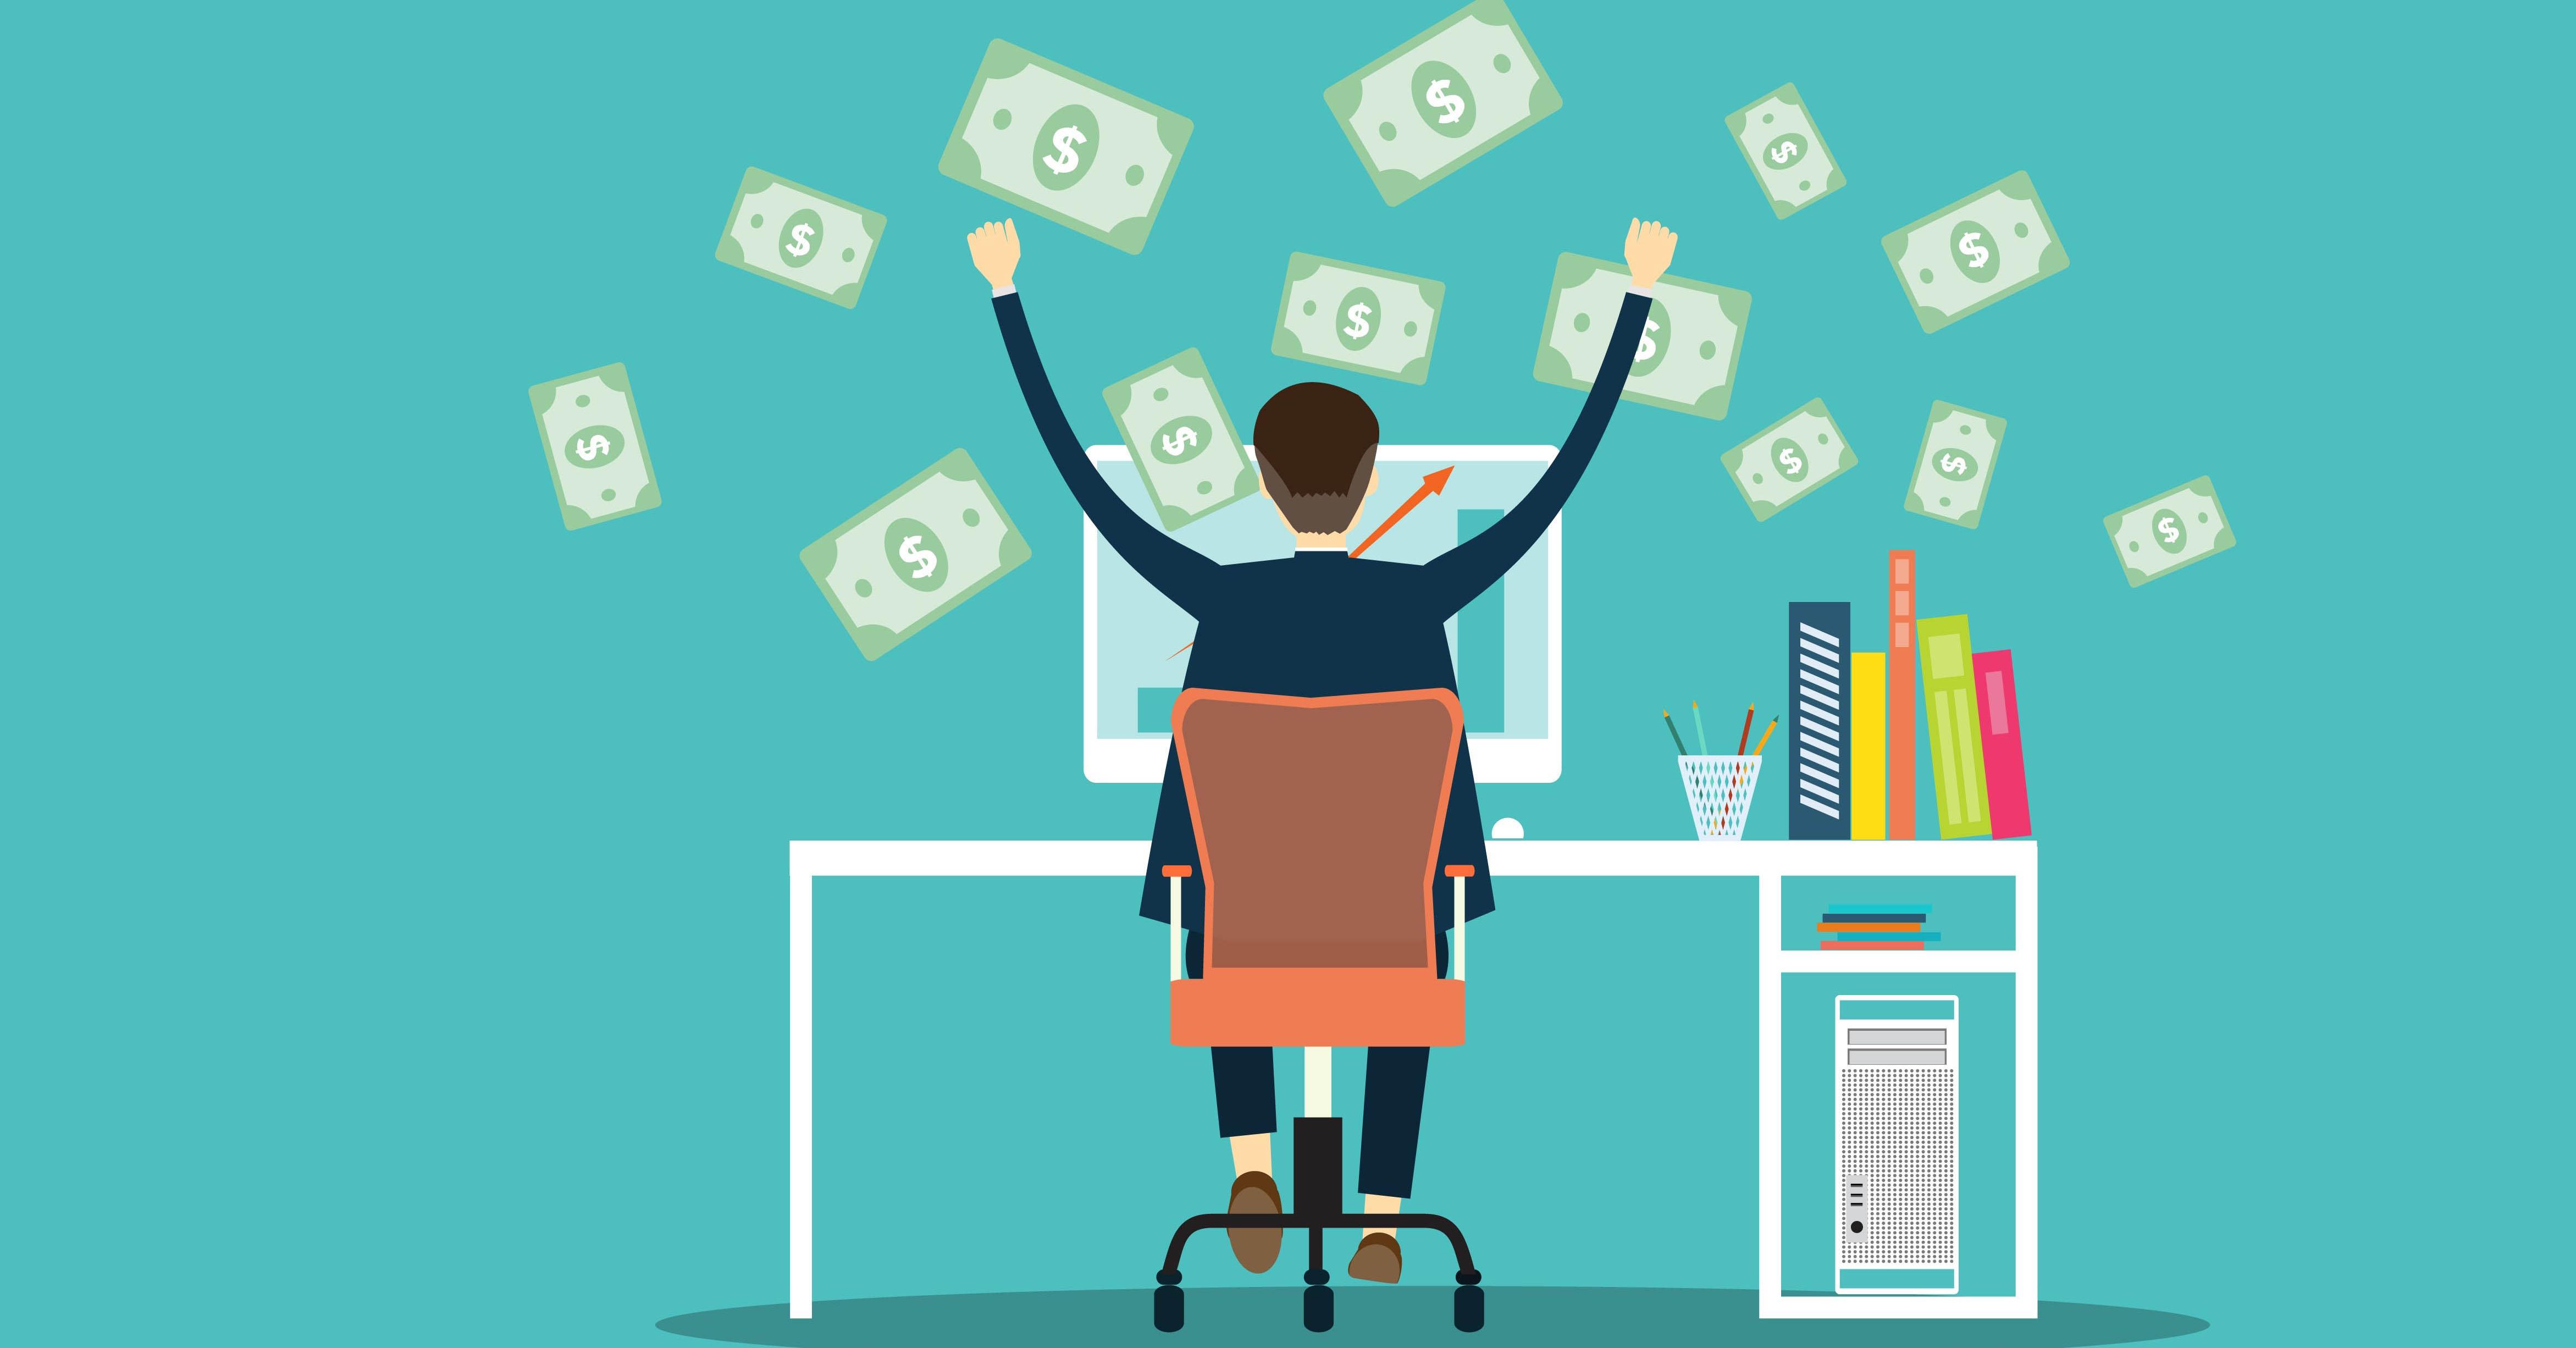 Mức lương của kế toán hiện nay là bao nhiêu?